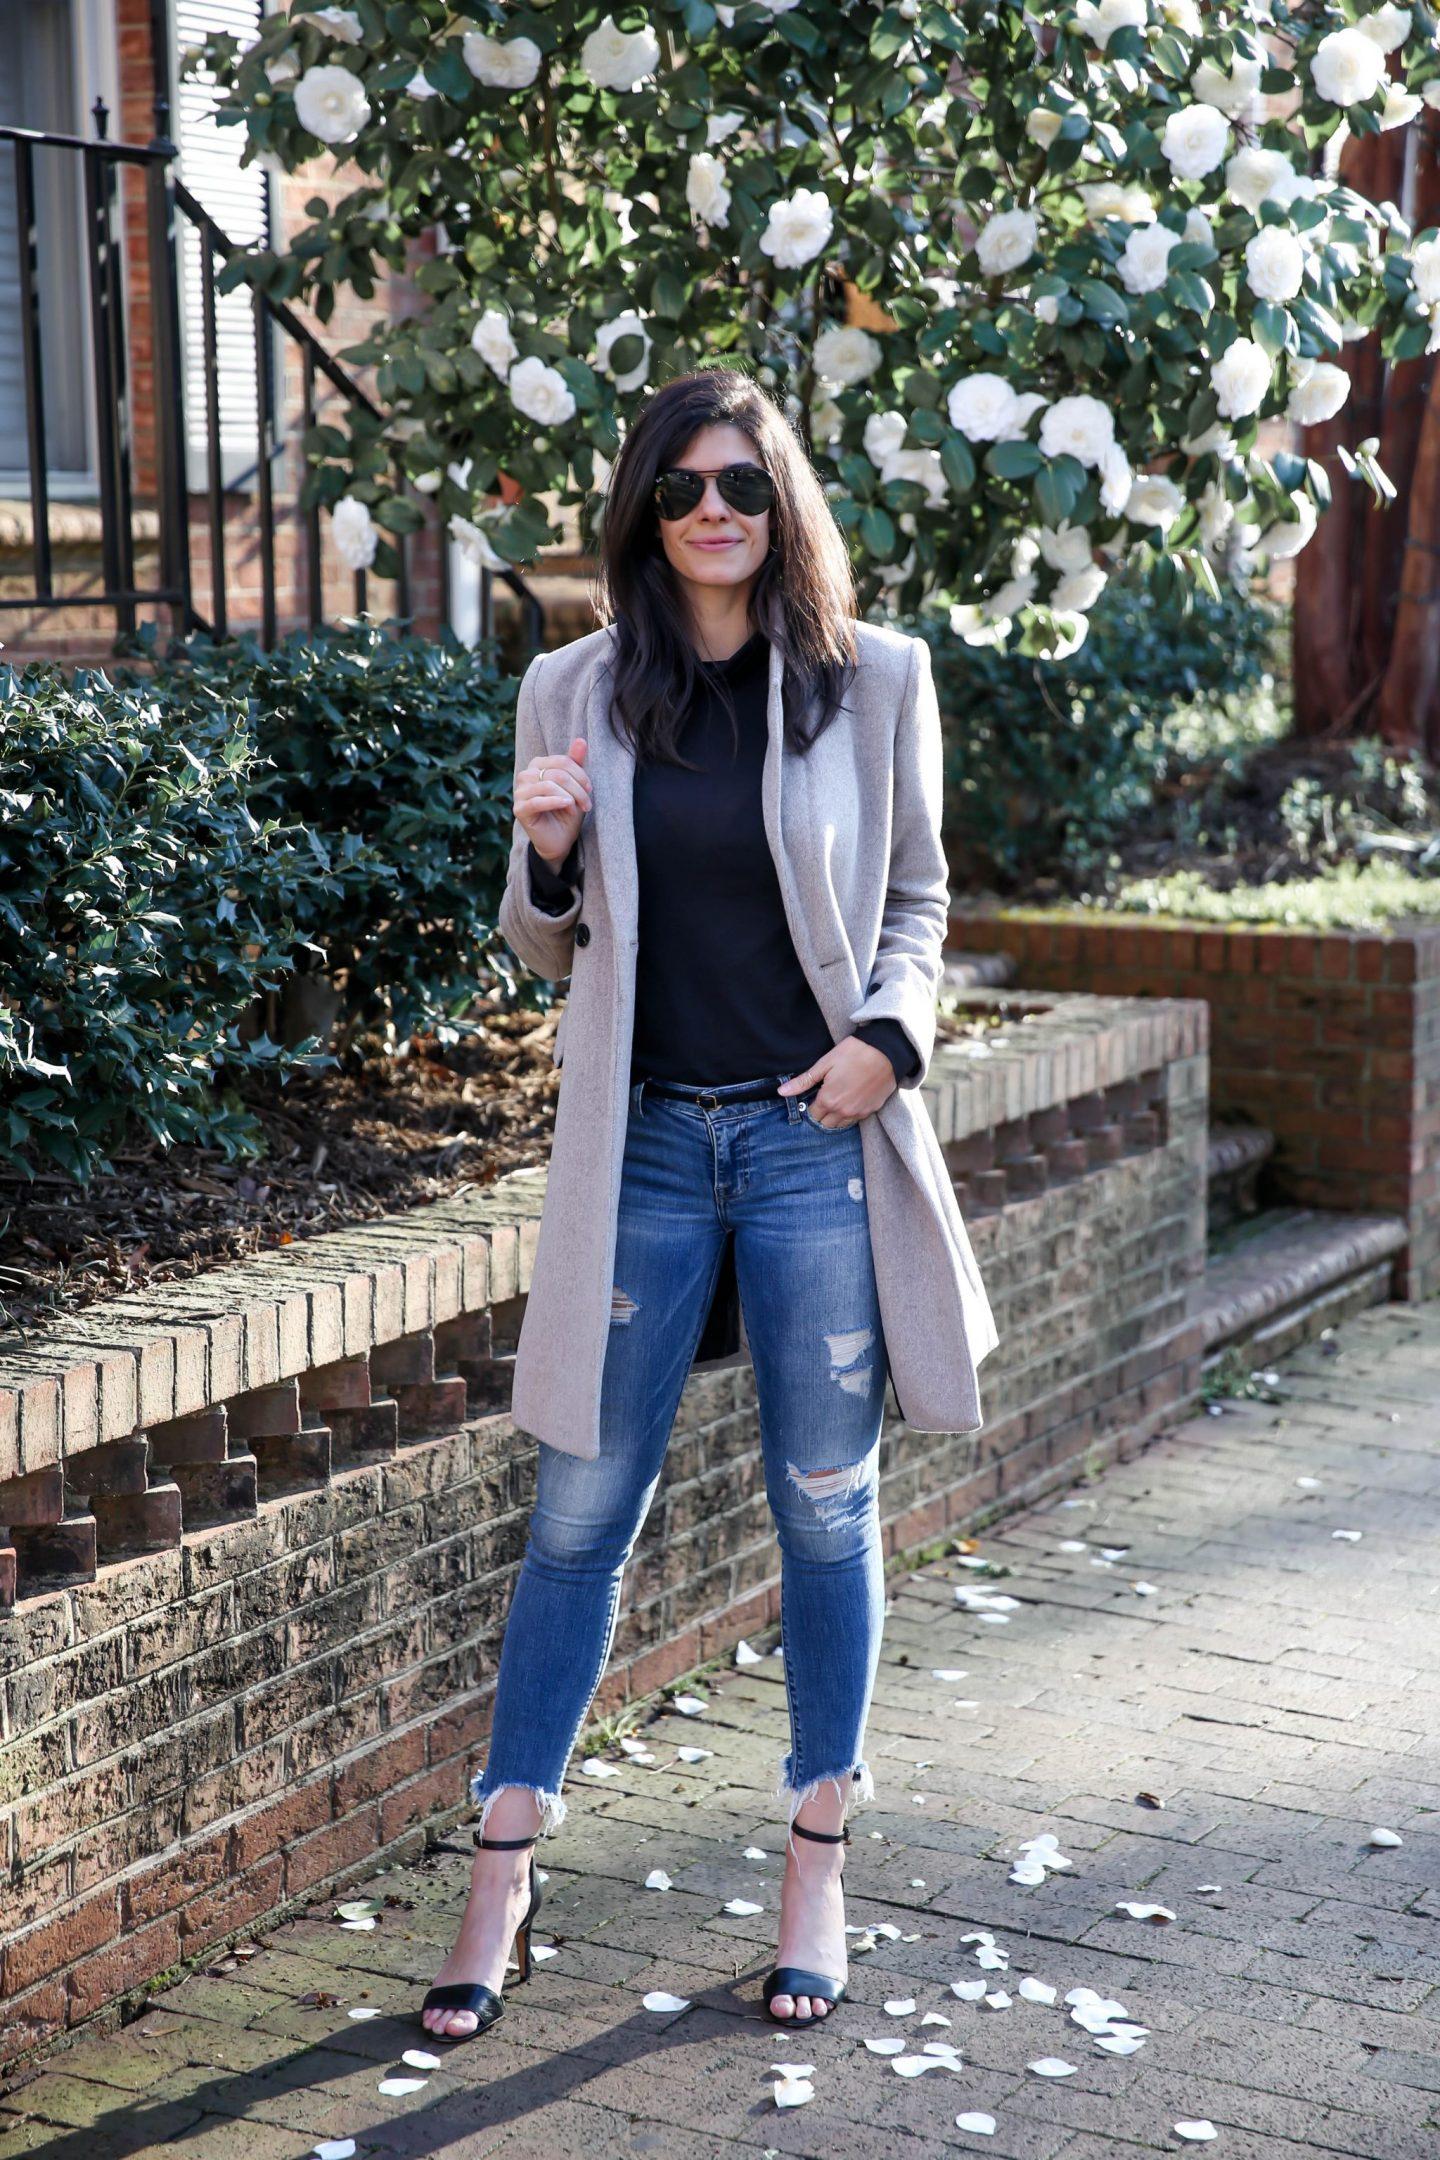 classic wool winter coat - Lauren Schwaiger style blog